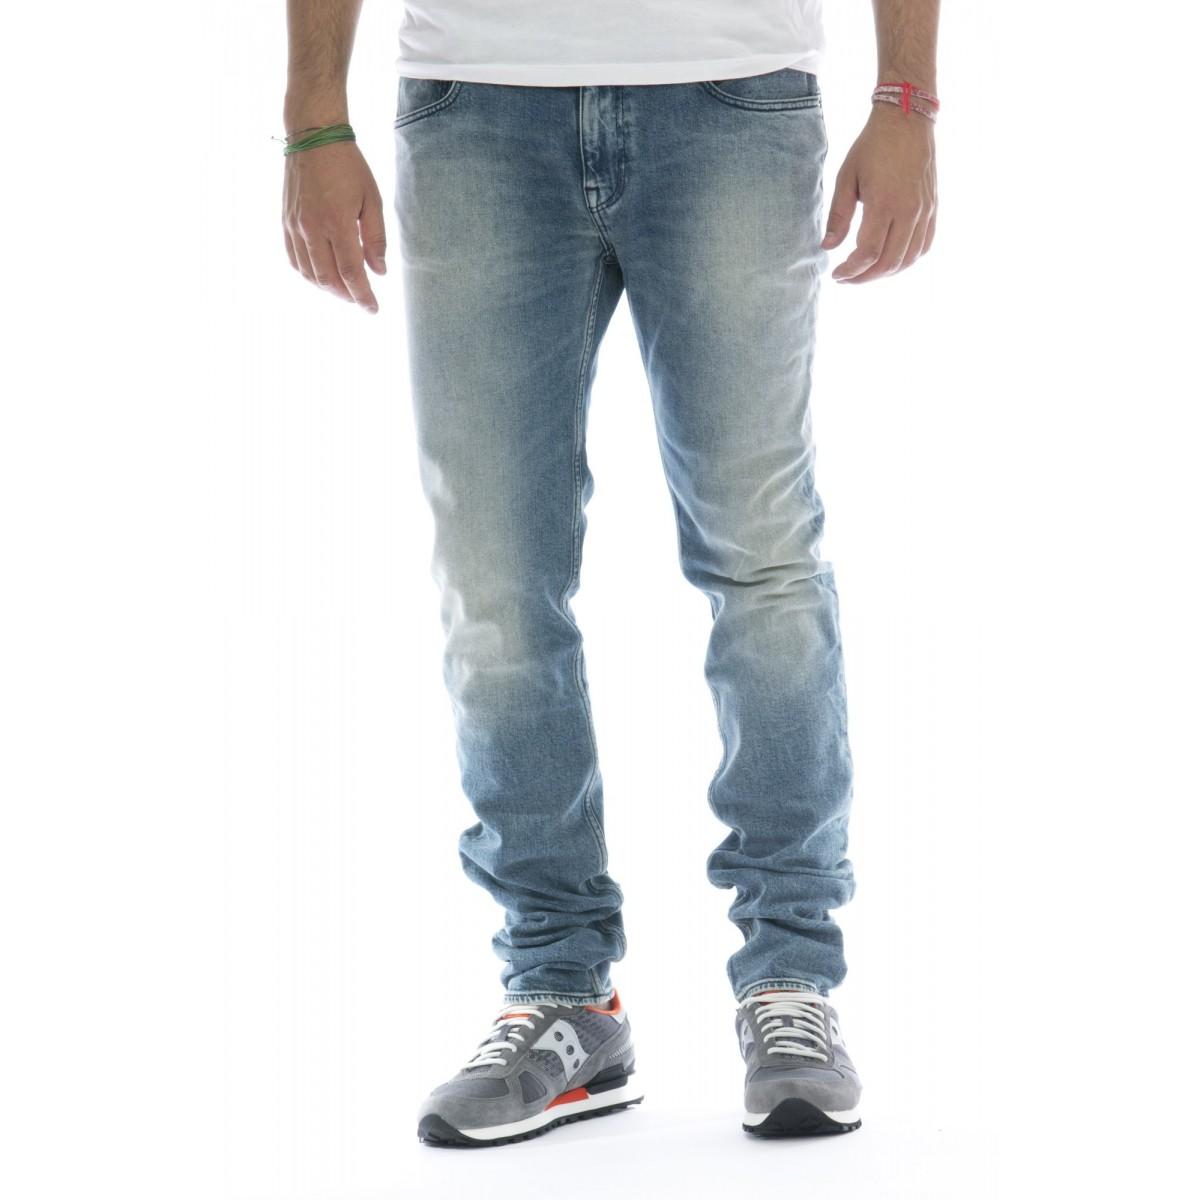 Jeans - J2zg8 jeans skinny chiaro 98% cotone, 2% elastane